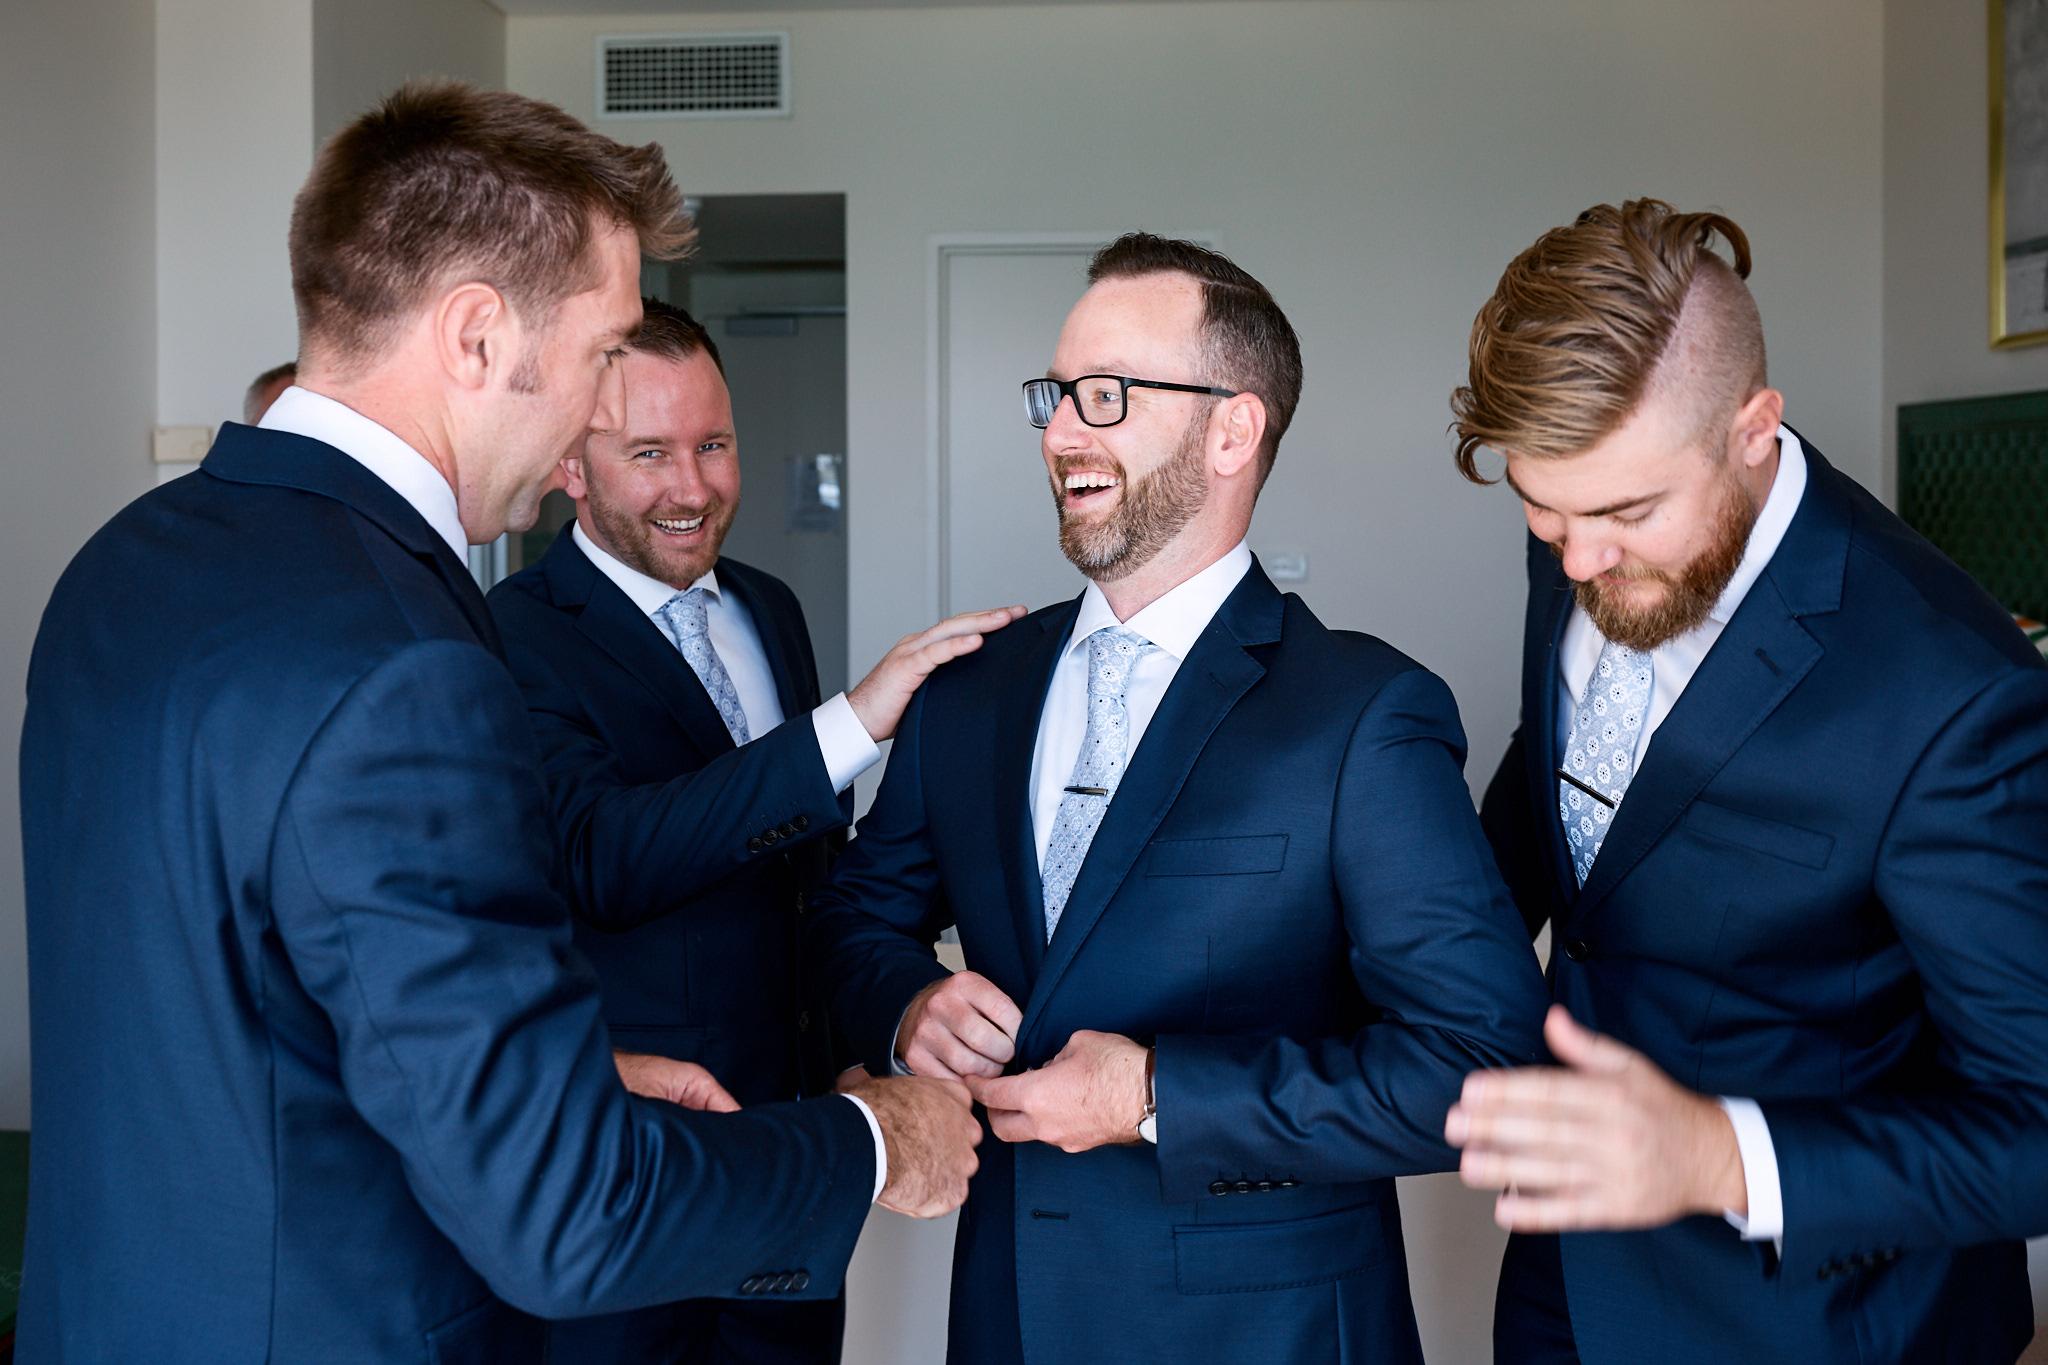 groomsmen getting dressed.jpg